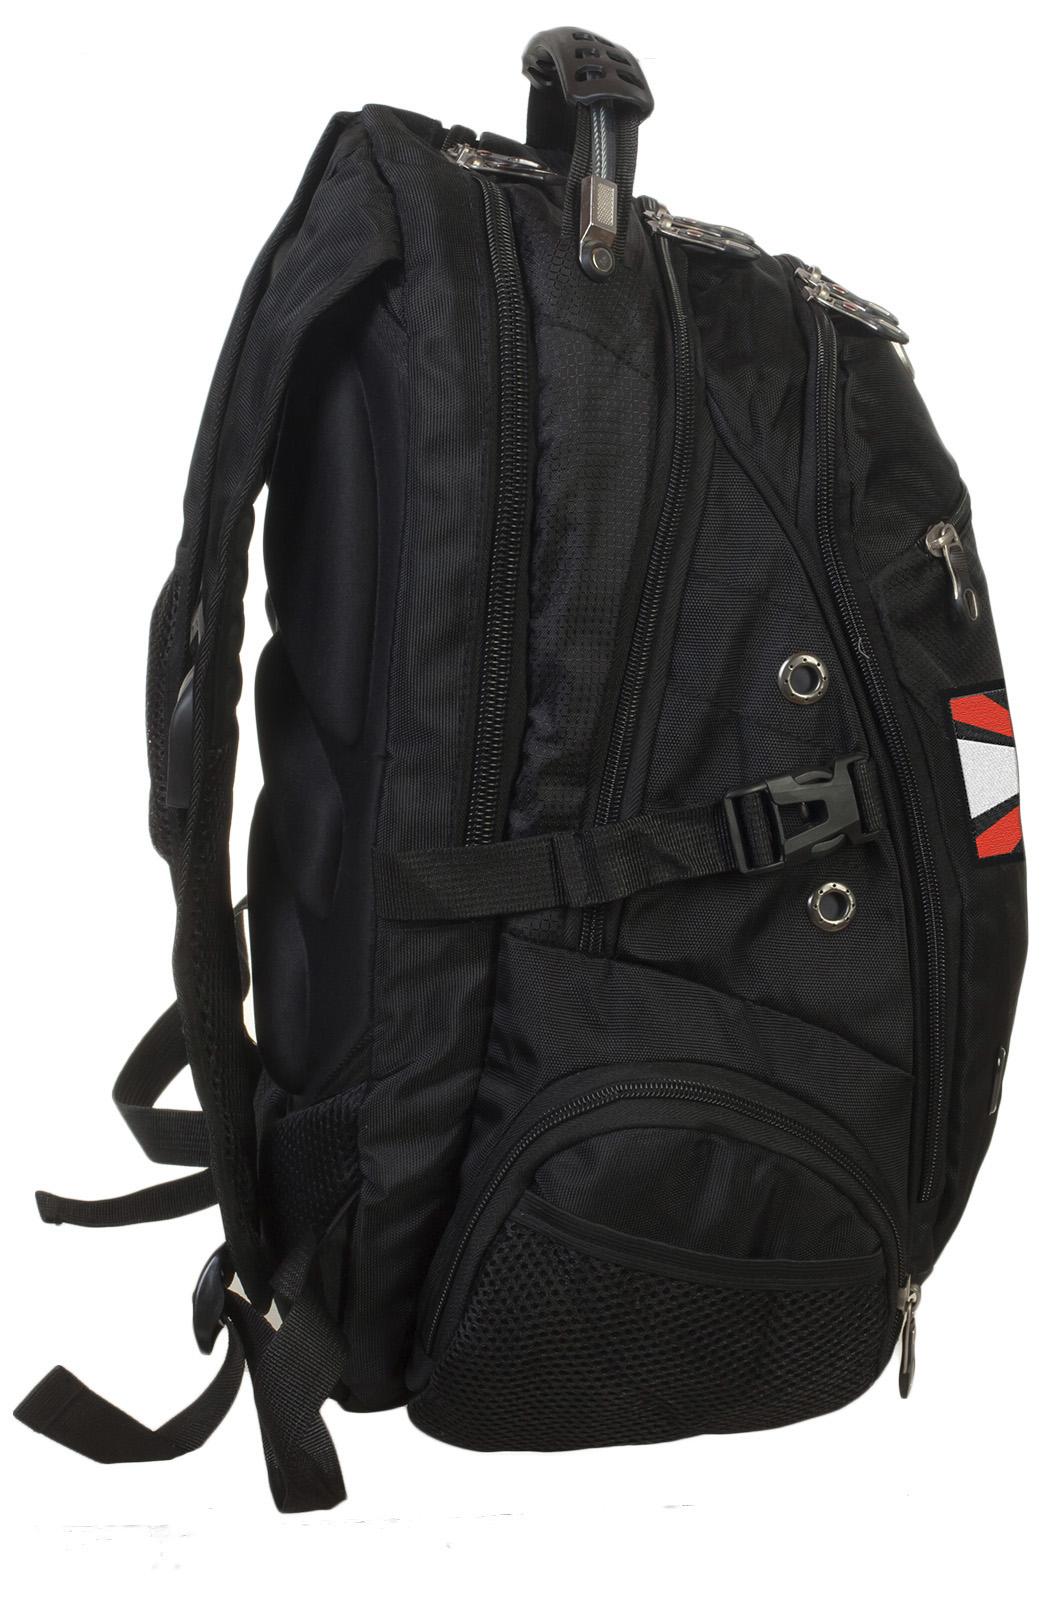 Заказать городской черный рюкзак с эмблемой Артиллерии